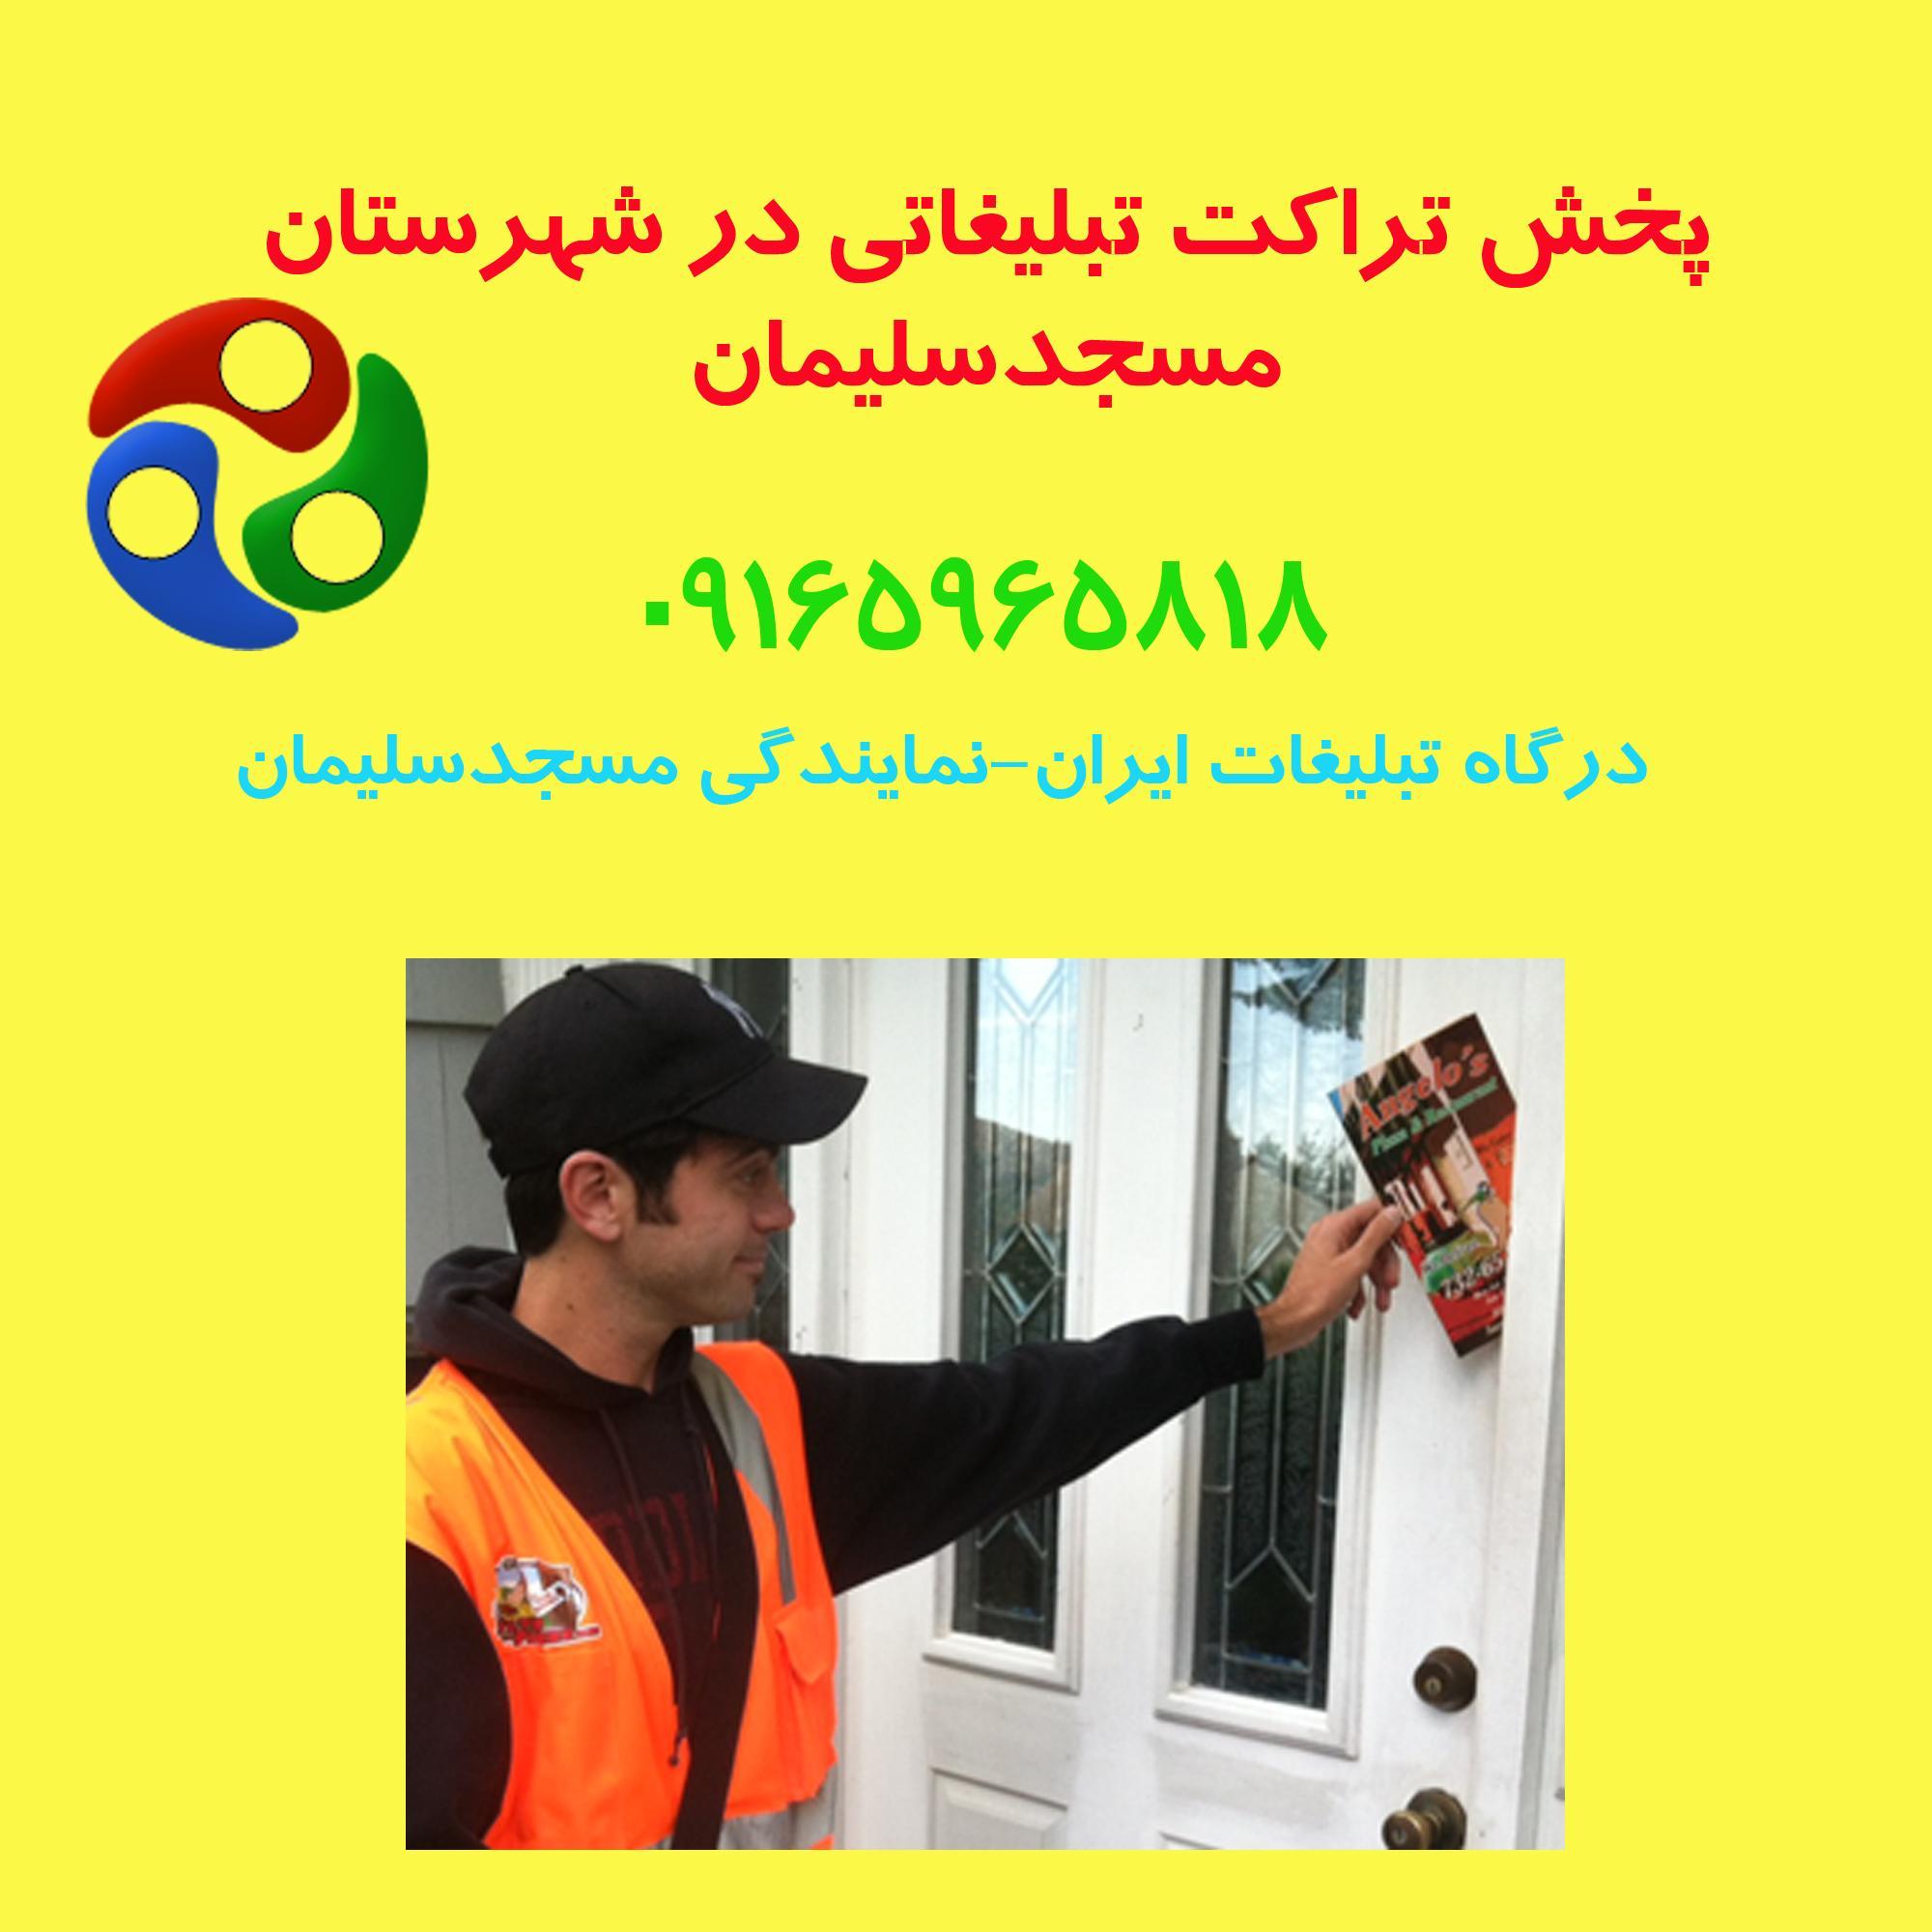 پخش تراکت تبلیغاتی در شهرستان مسجدسلیمان